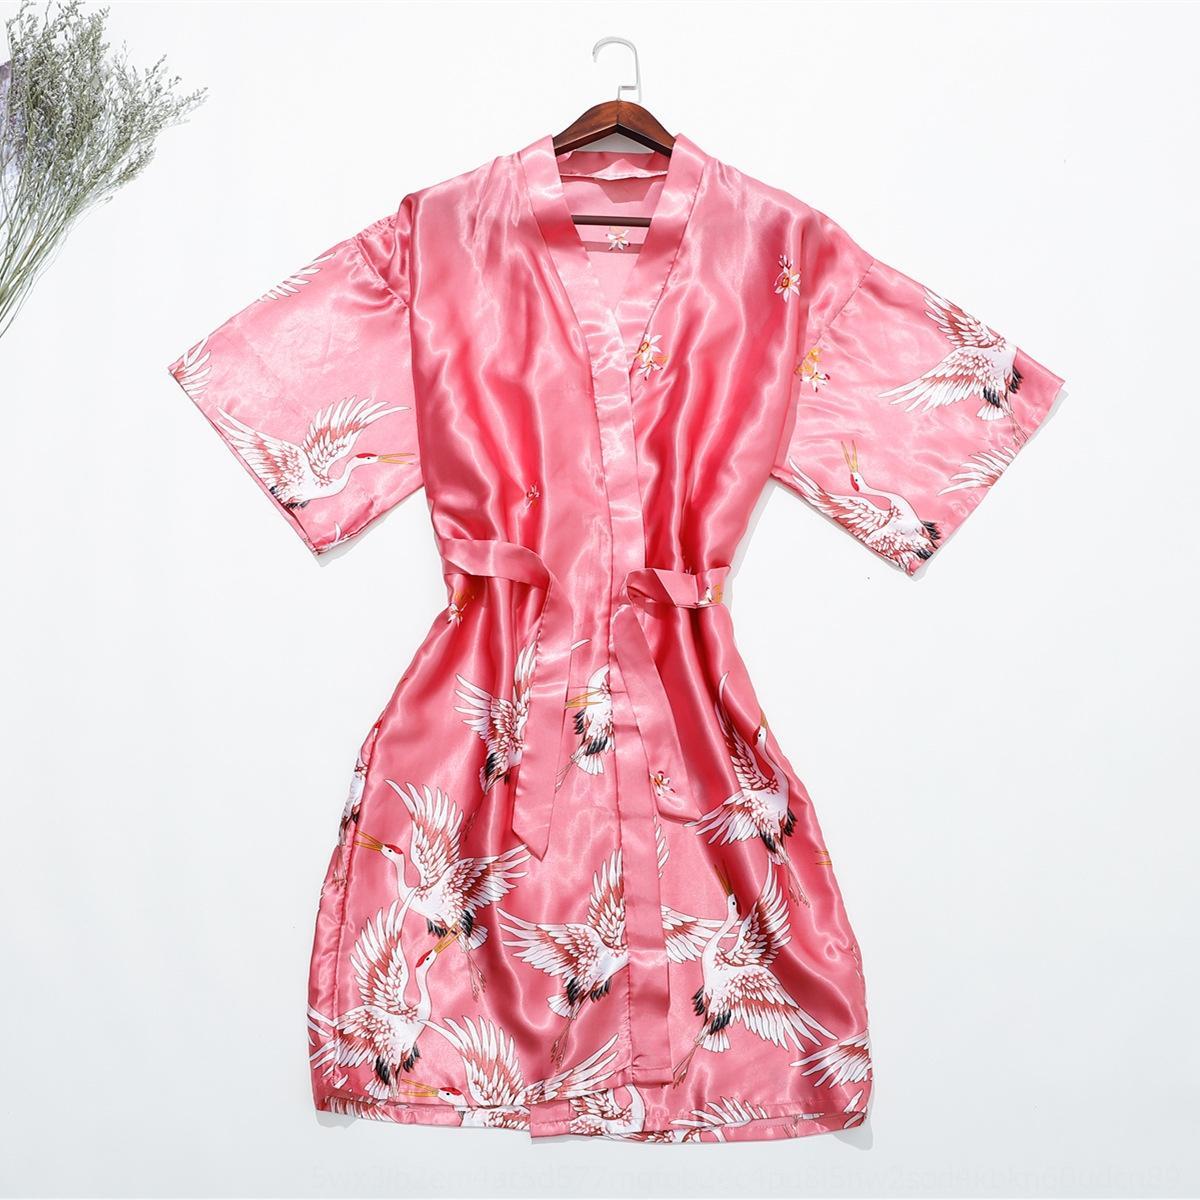 lxxn4 Nightgown Kran gedruckt Hauptpyjamas Pyjamas seidenähnliche einzelne Robe Braut Morgen Gewand zu Hause extra großes Nachthemd